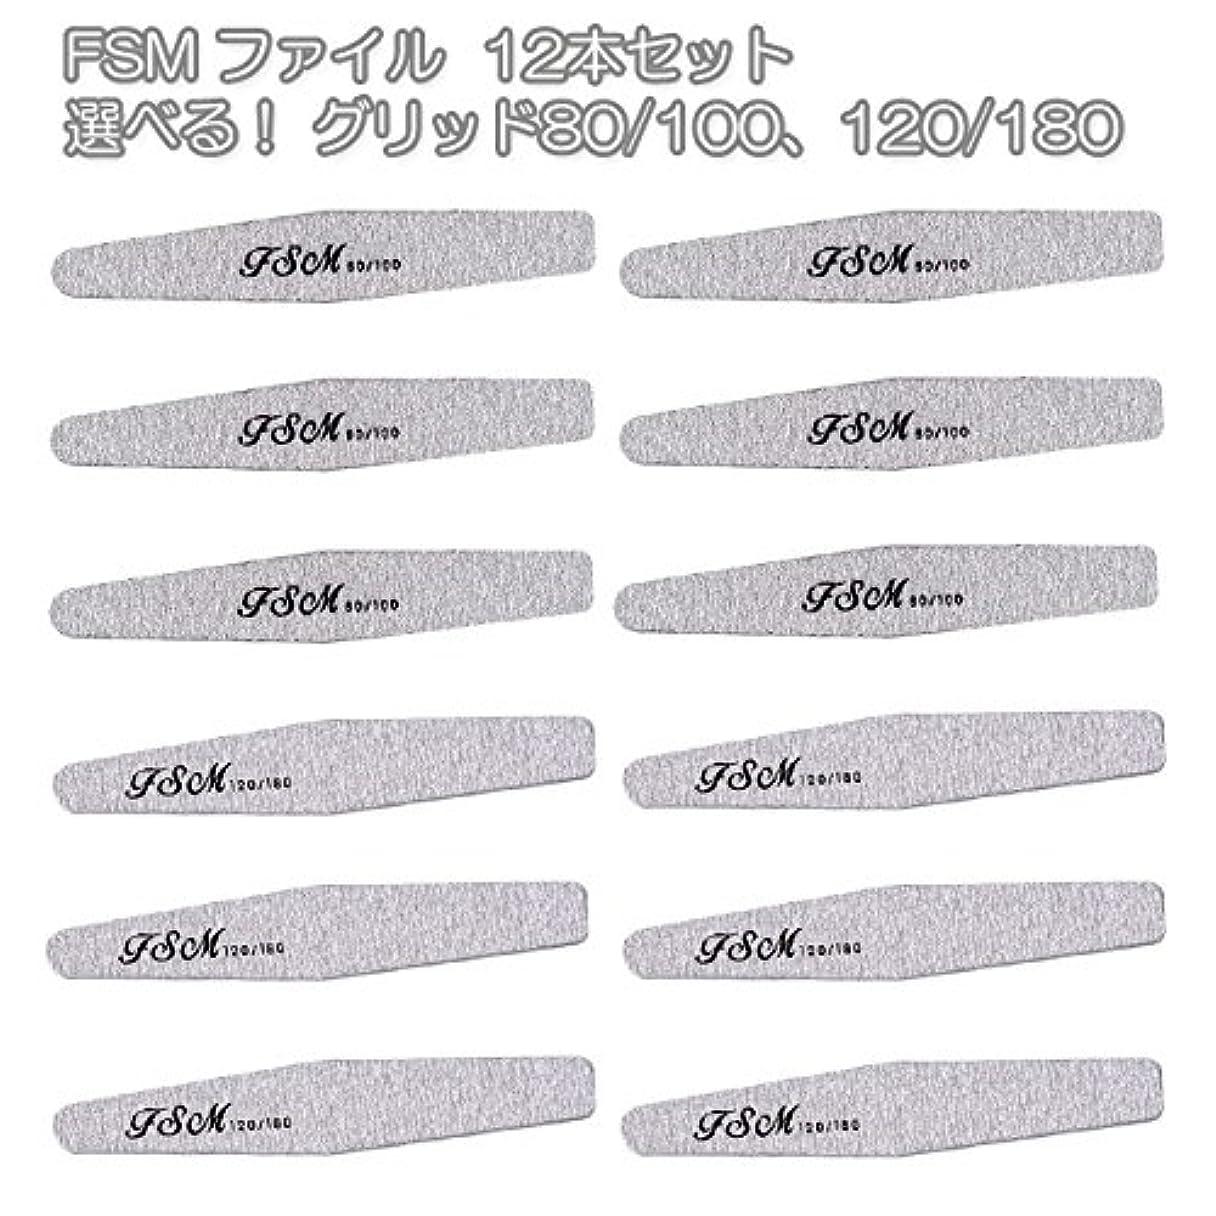 教育者ジレンマ学期FSM ネイルファイル/バッファー12本セット(選べる!グリッド80/100、120/180) (G120/180の12本)